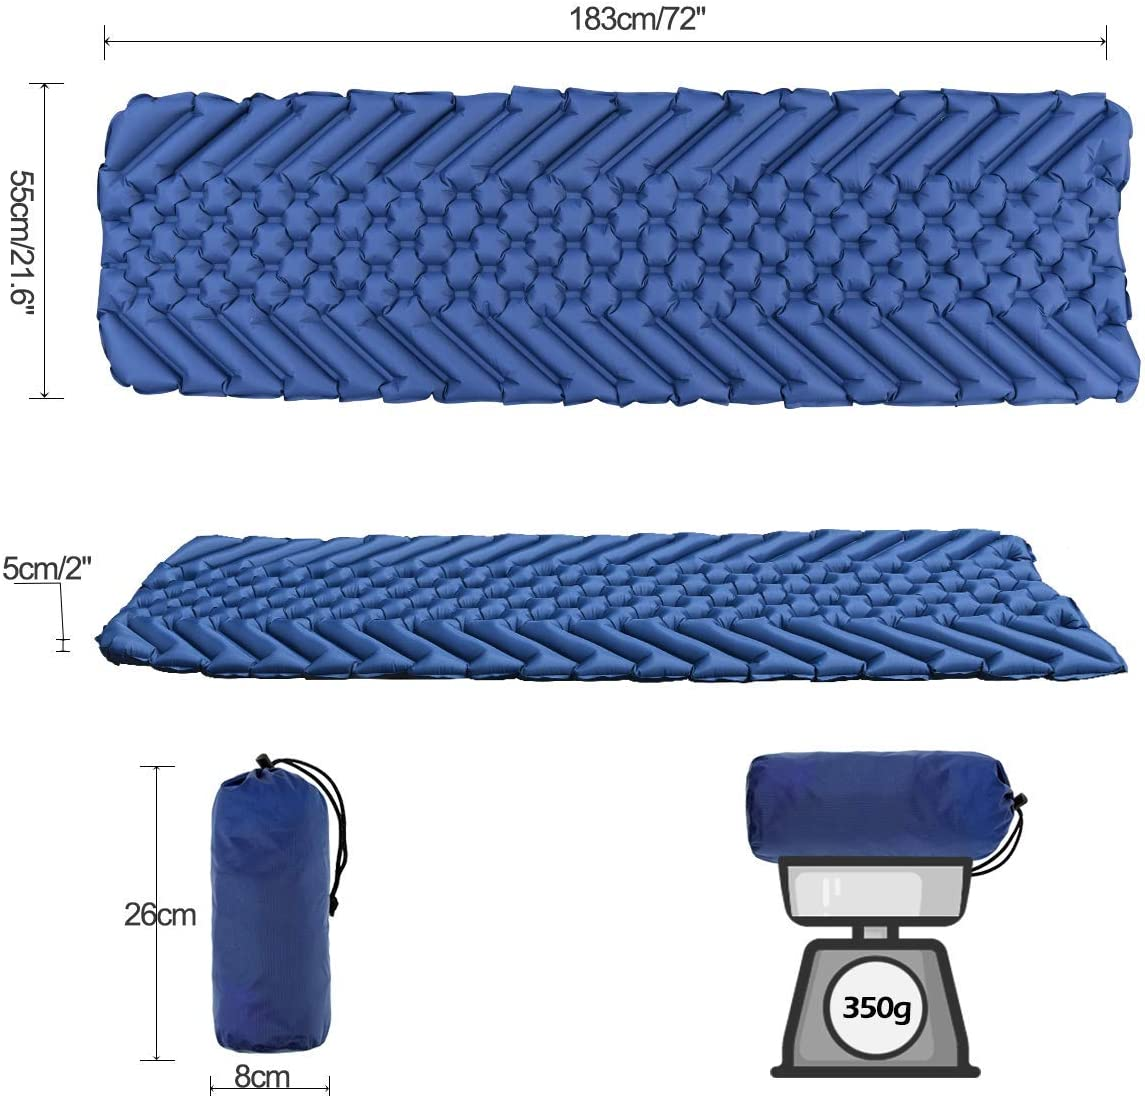 Ultraleicht Camping Isomatte Wasserdicht /& Kompakt Aufblasbare Schlafmatte f/ür Camping Wandern Osaloe Isomatte Strand Outdoor,Reise